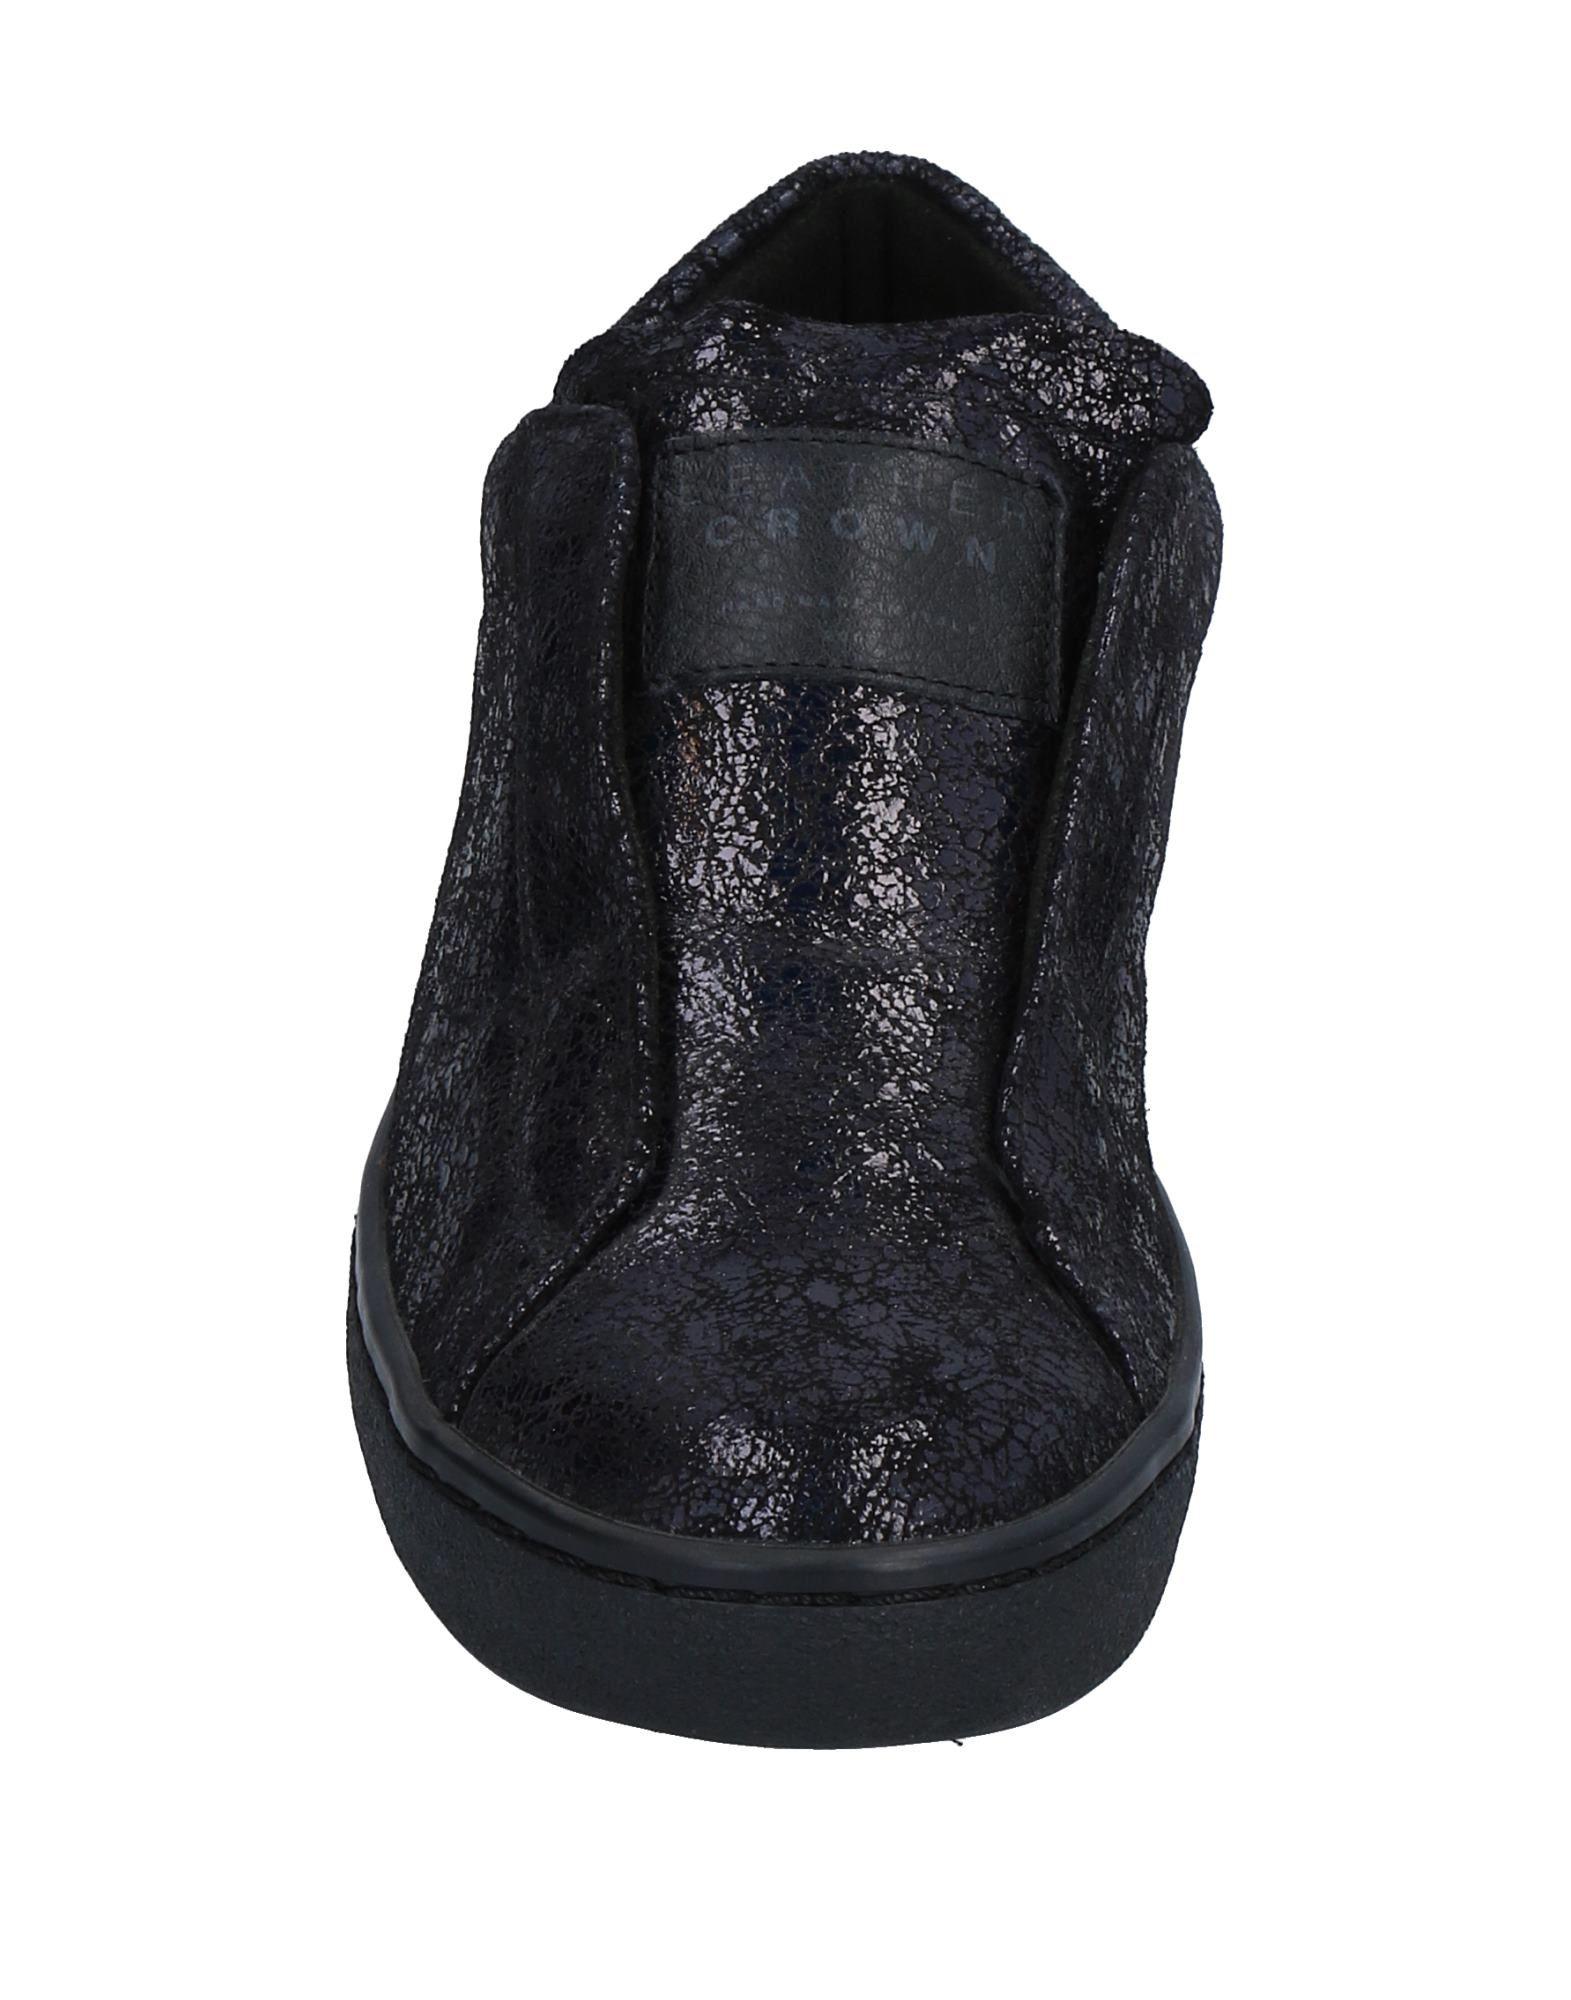 Stilvolle Sneakers billige Schuhe Leather Crown Sneakers Stilvolle Damen  11526937CN e3ad56